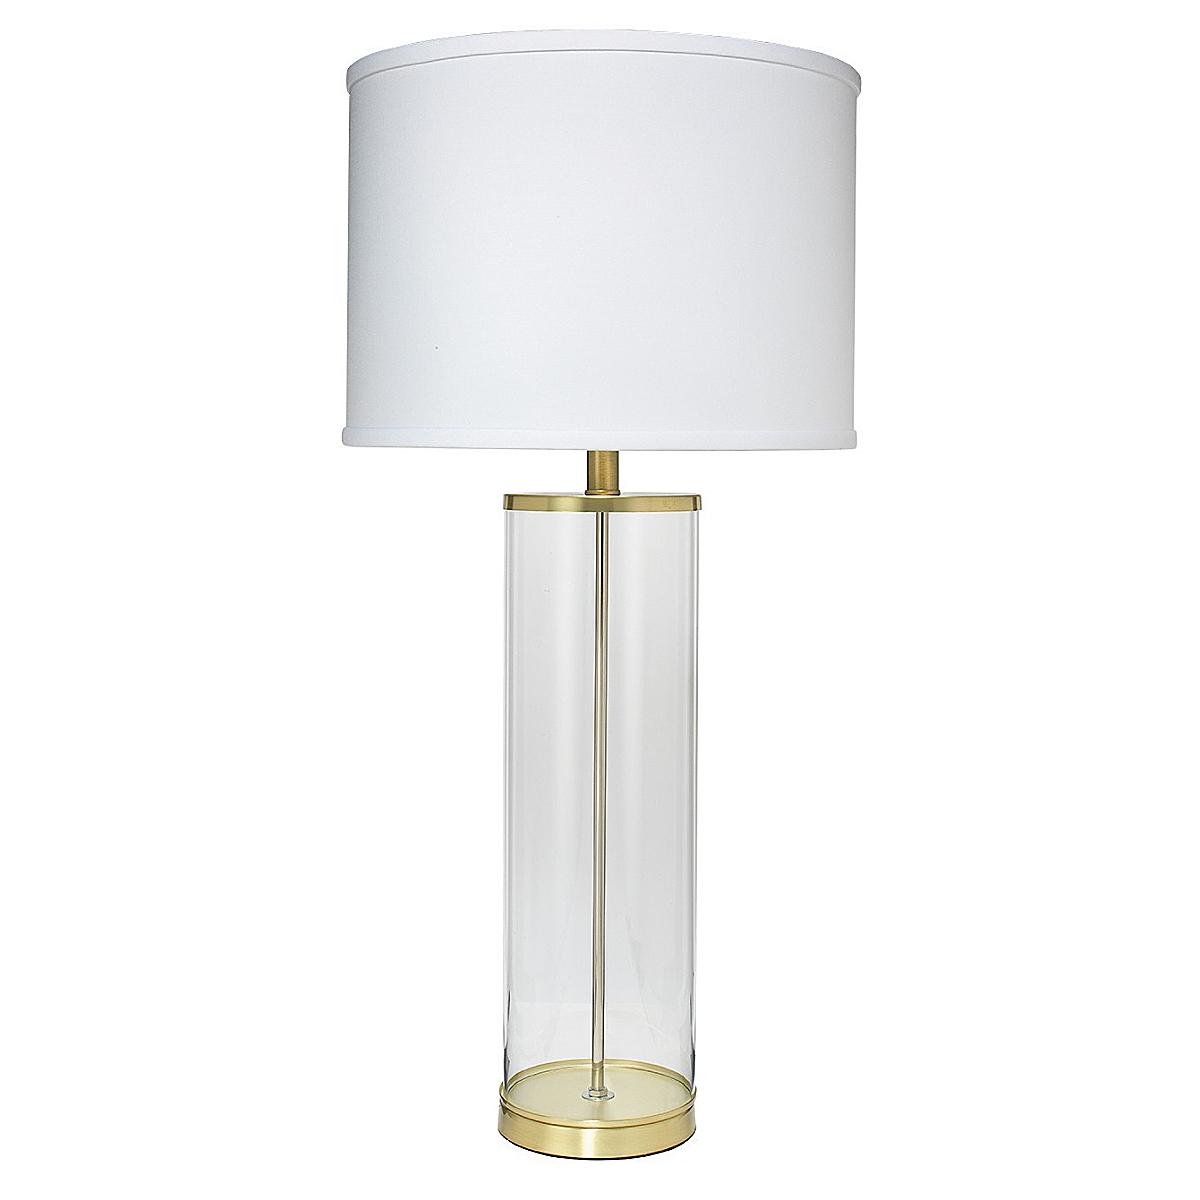 Rockefeller Lamp - Brass